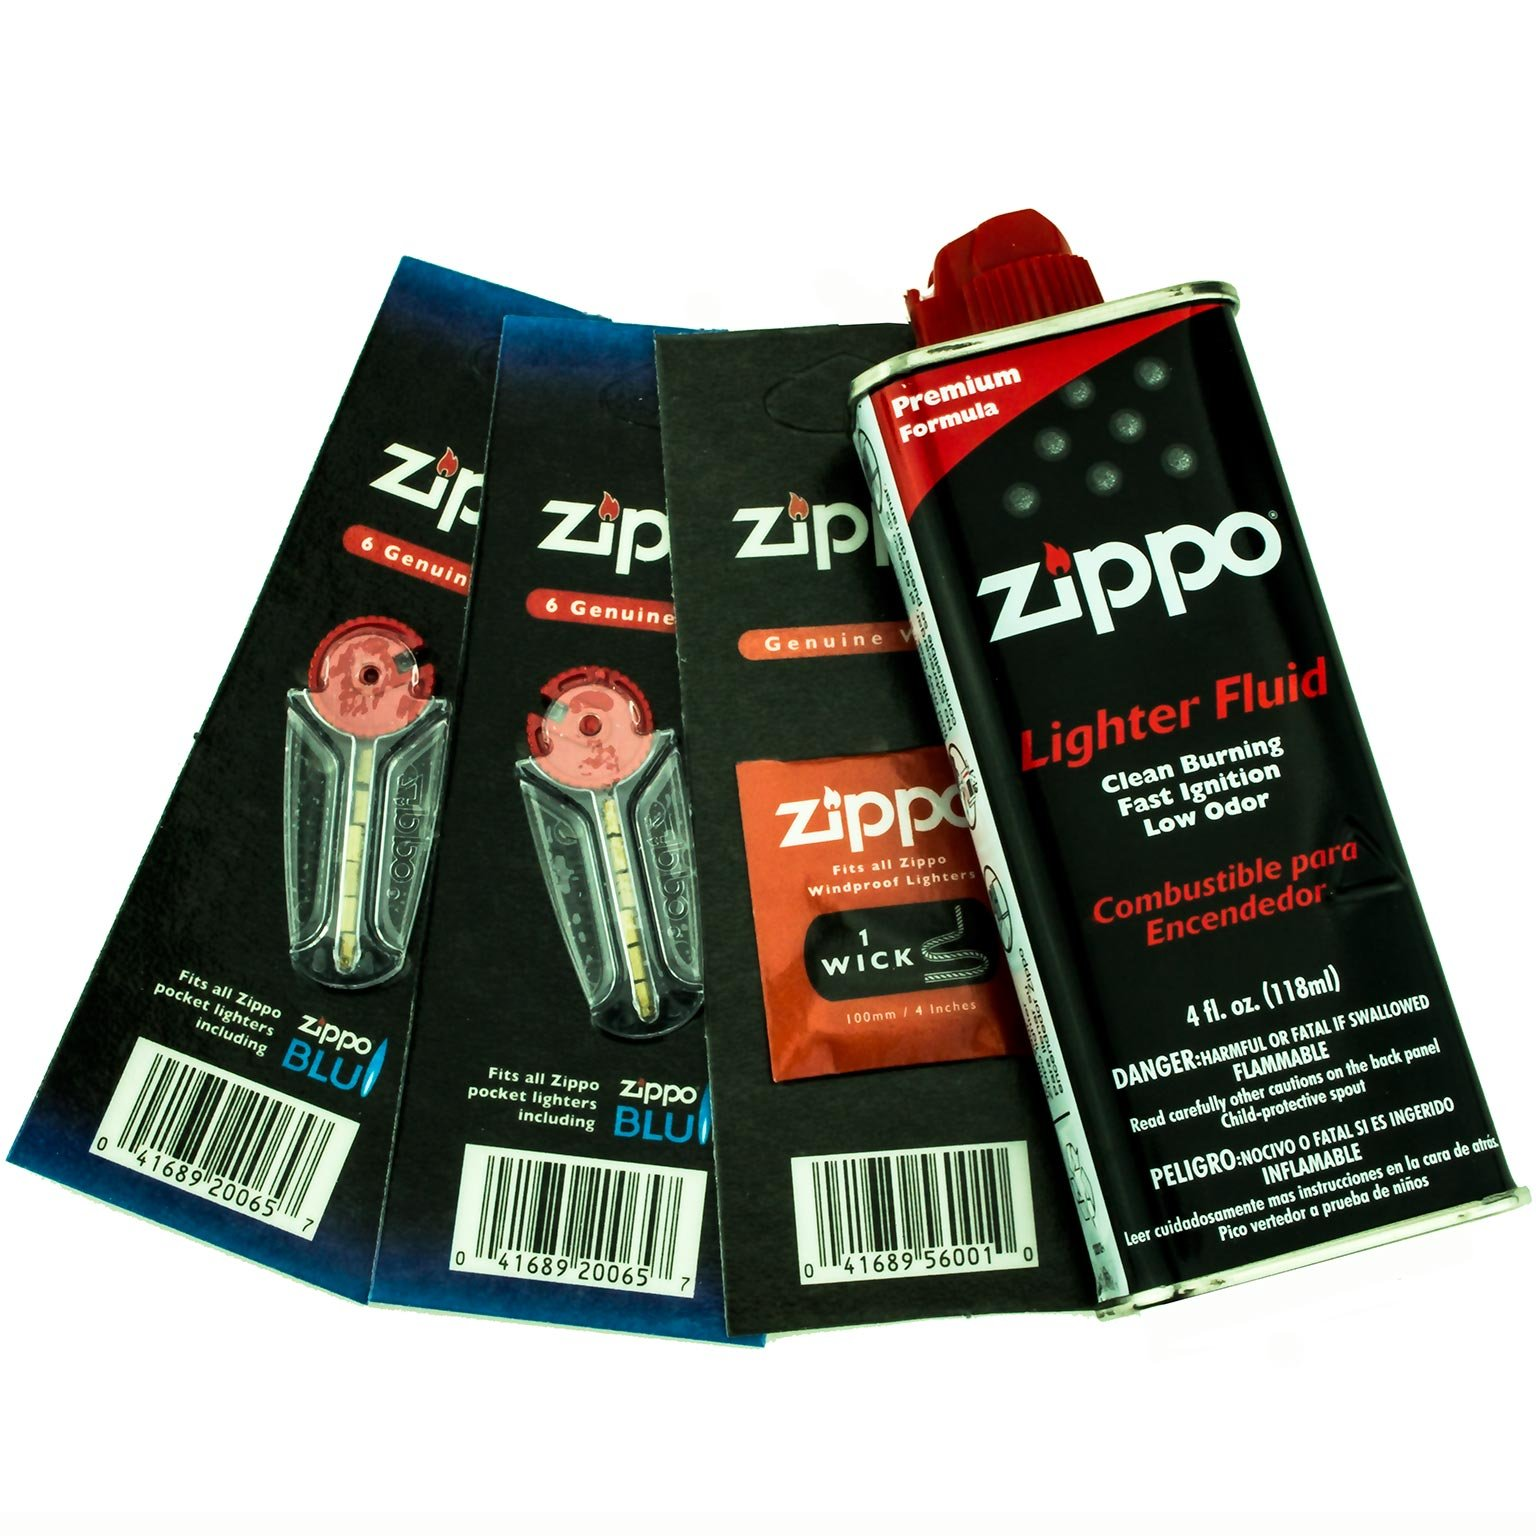 Zippo Gift Set - 4 oz Lighter Fluid 1 Wick Card & 2 Flint Card (12 flints) (Original Version)